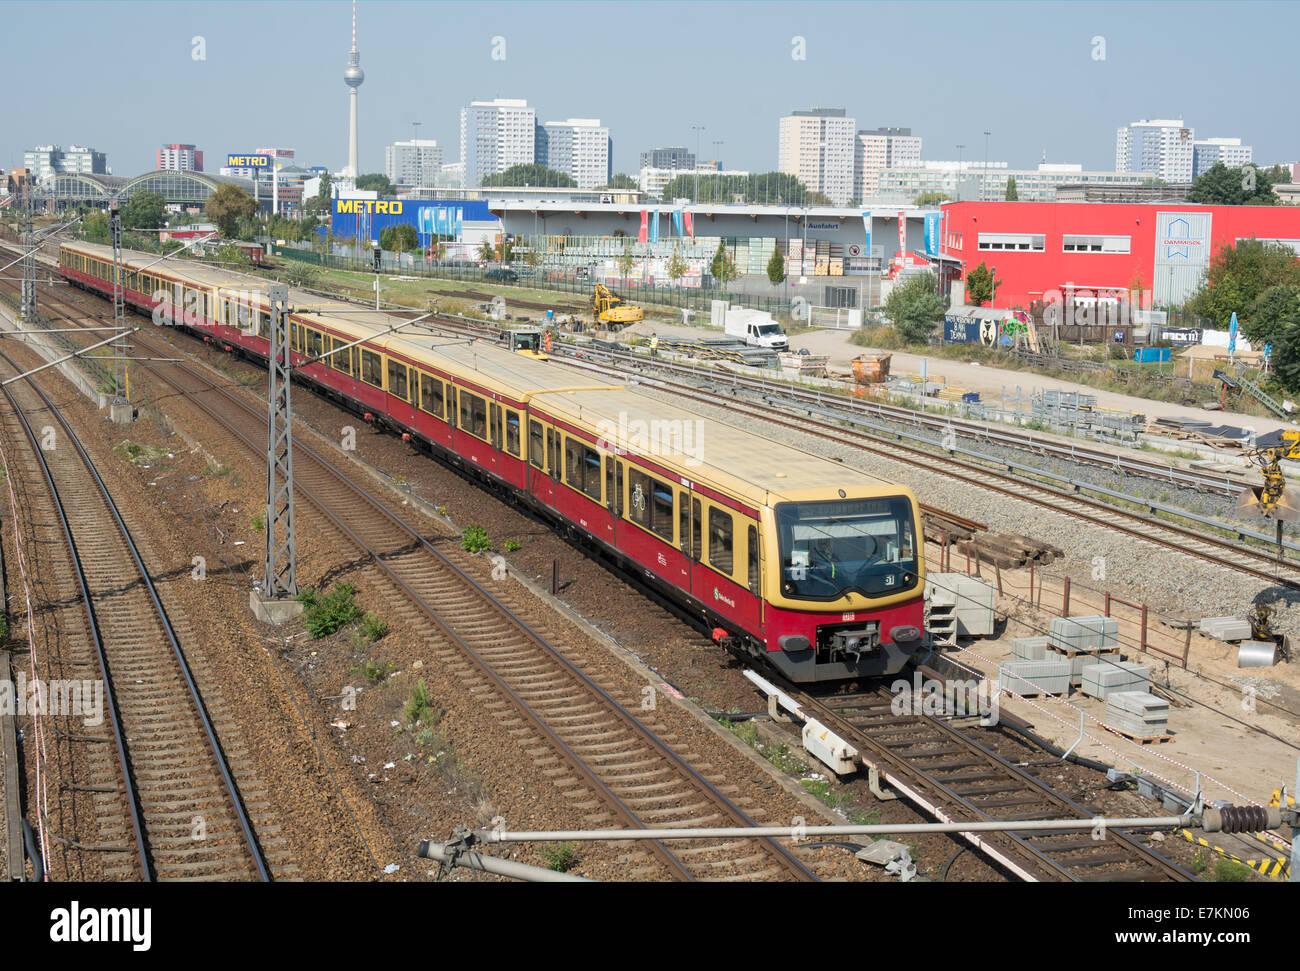 Eine S-Bahn Zug unterwegs, die S5 Rail engineering-arbeiten in der Nähe Warschauer Straße Station geht. Stockbild